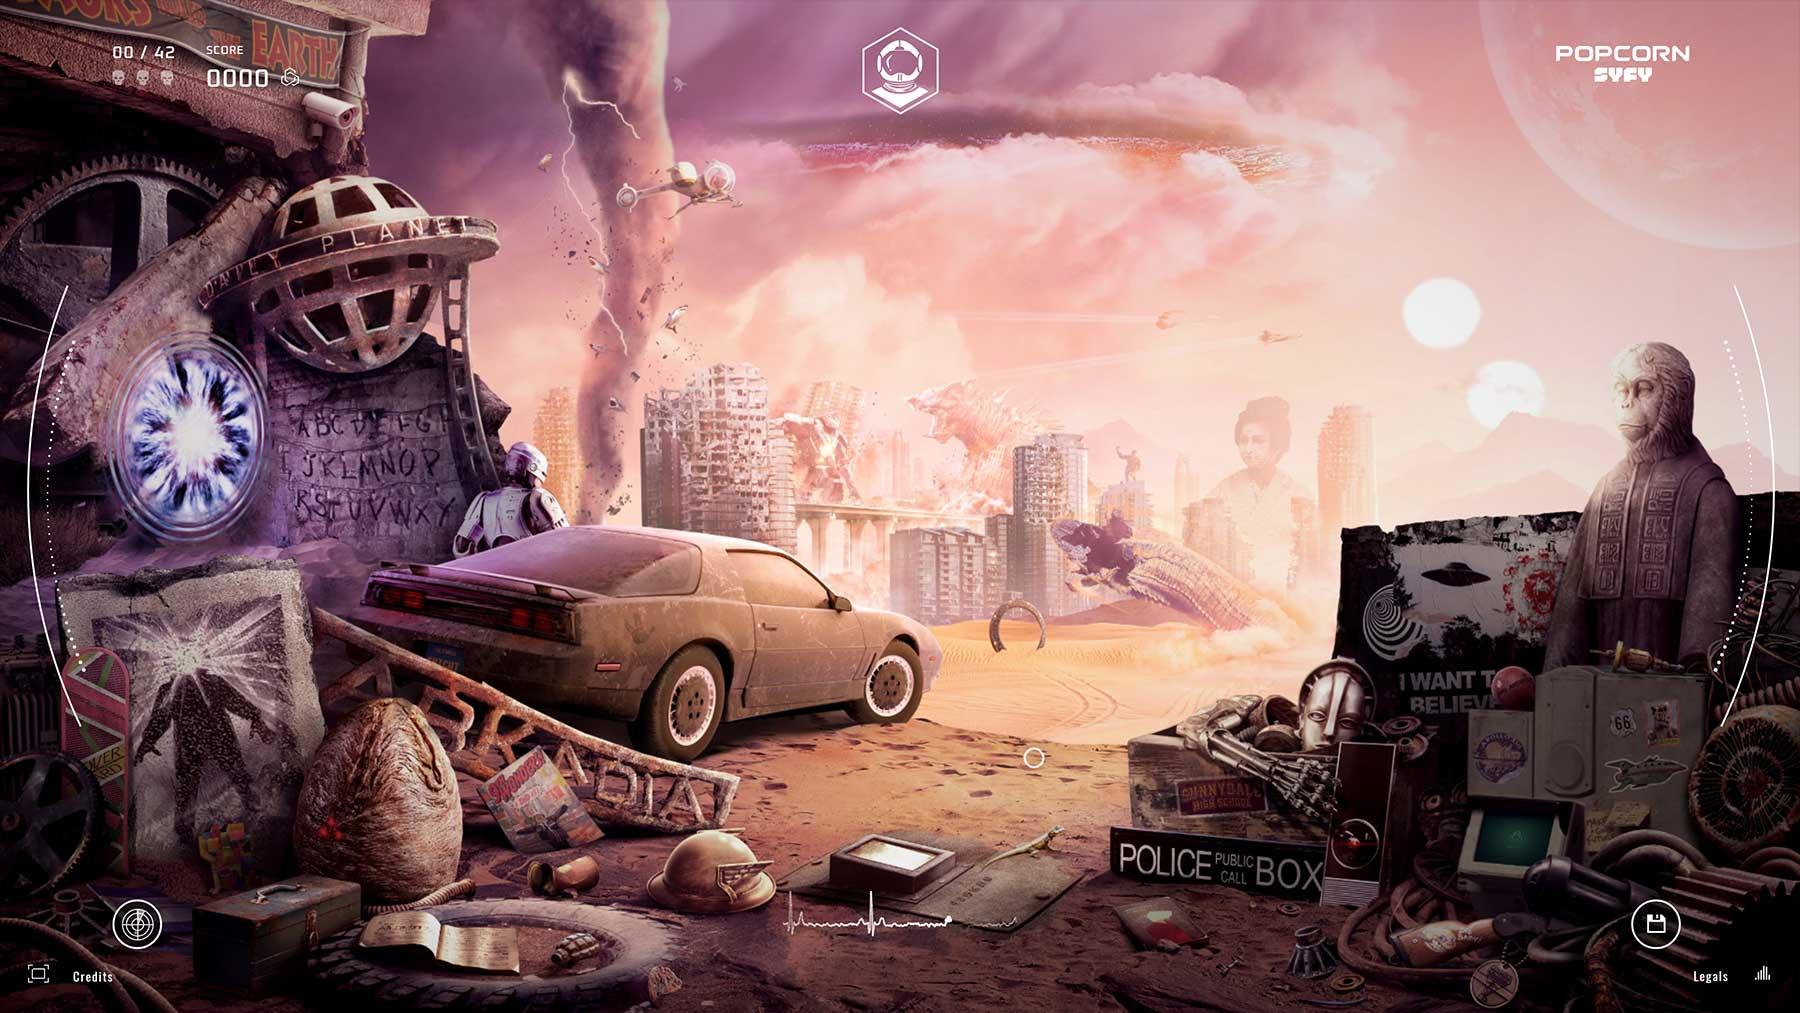 PopCorn SyFy: 42 im Bild versteckte Sci-Fi-Filme & -Serien